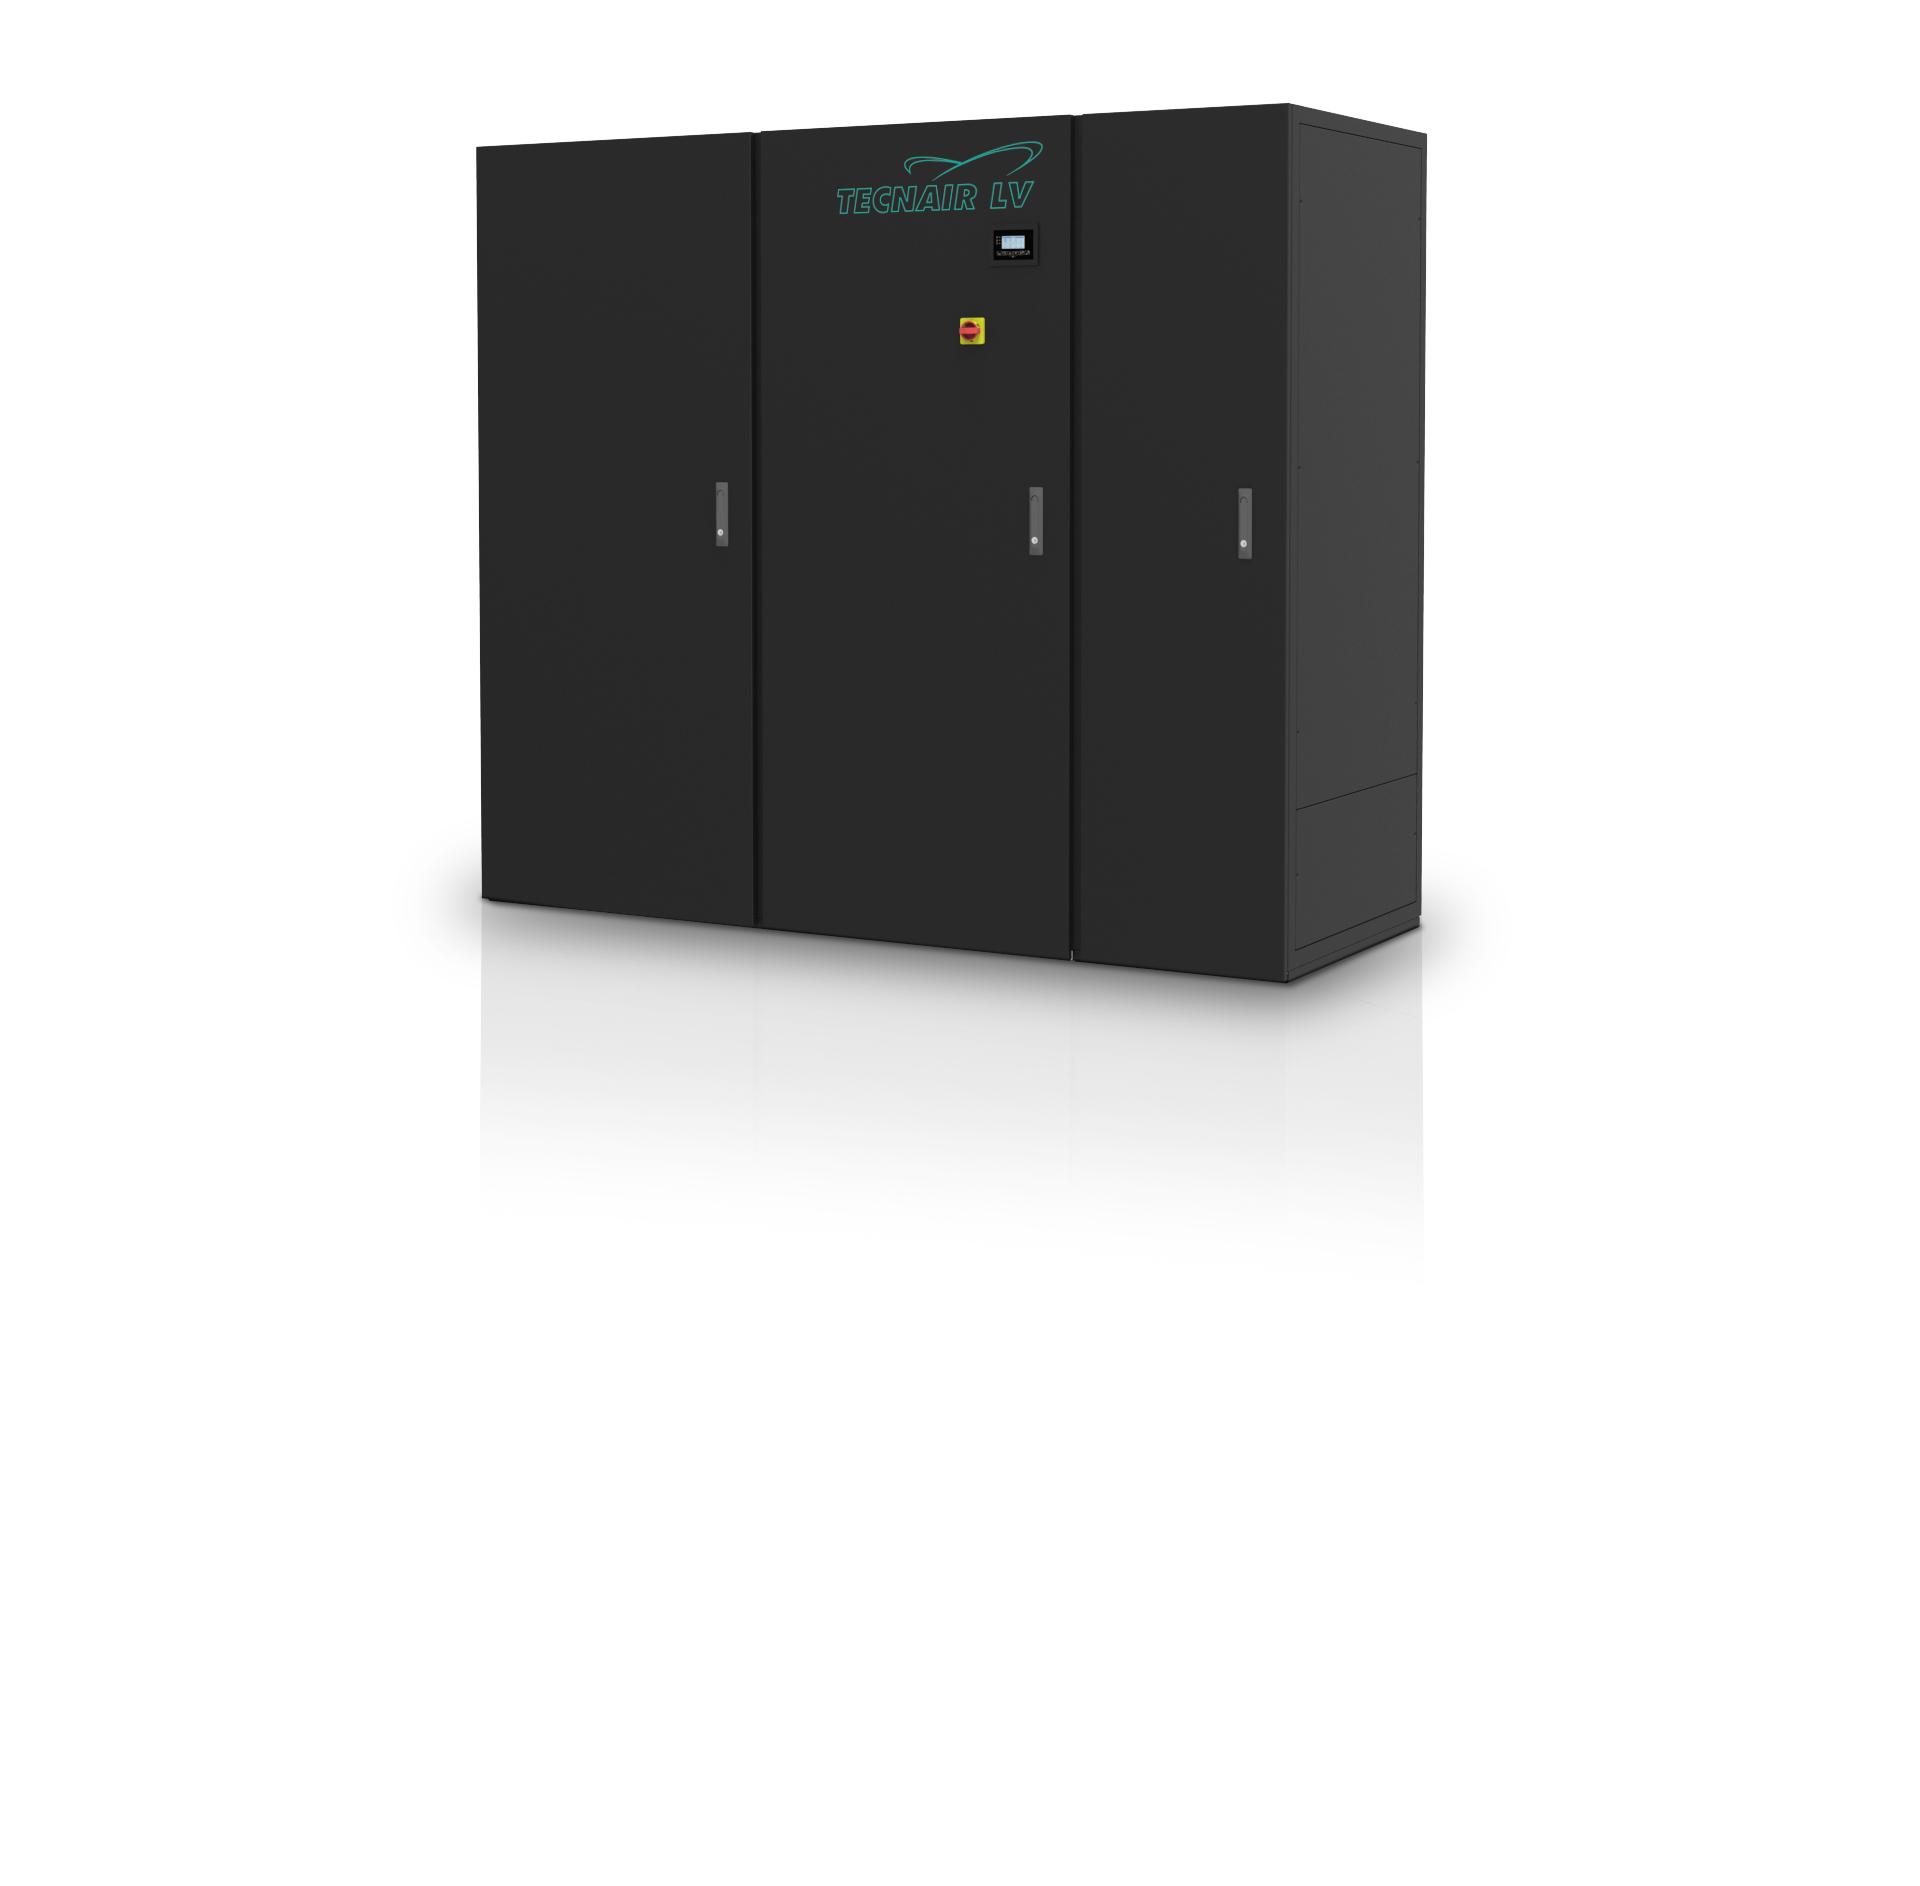 climatiseurs de materiels informatiques tous les. Black Bedroom Furniture Sets. Home Design Ideas